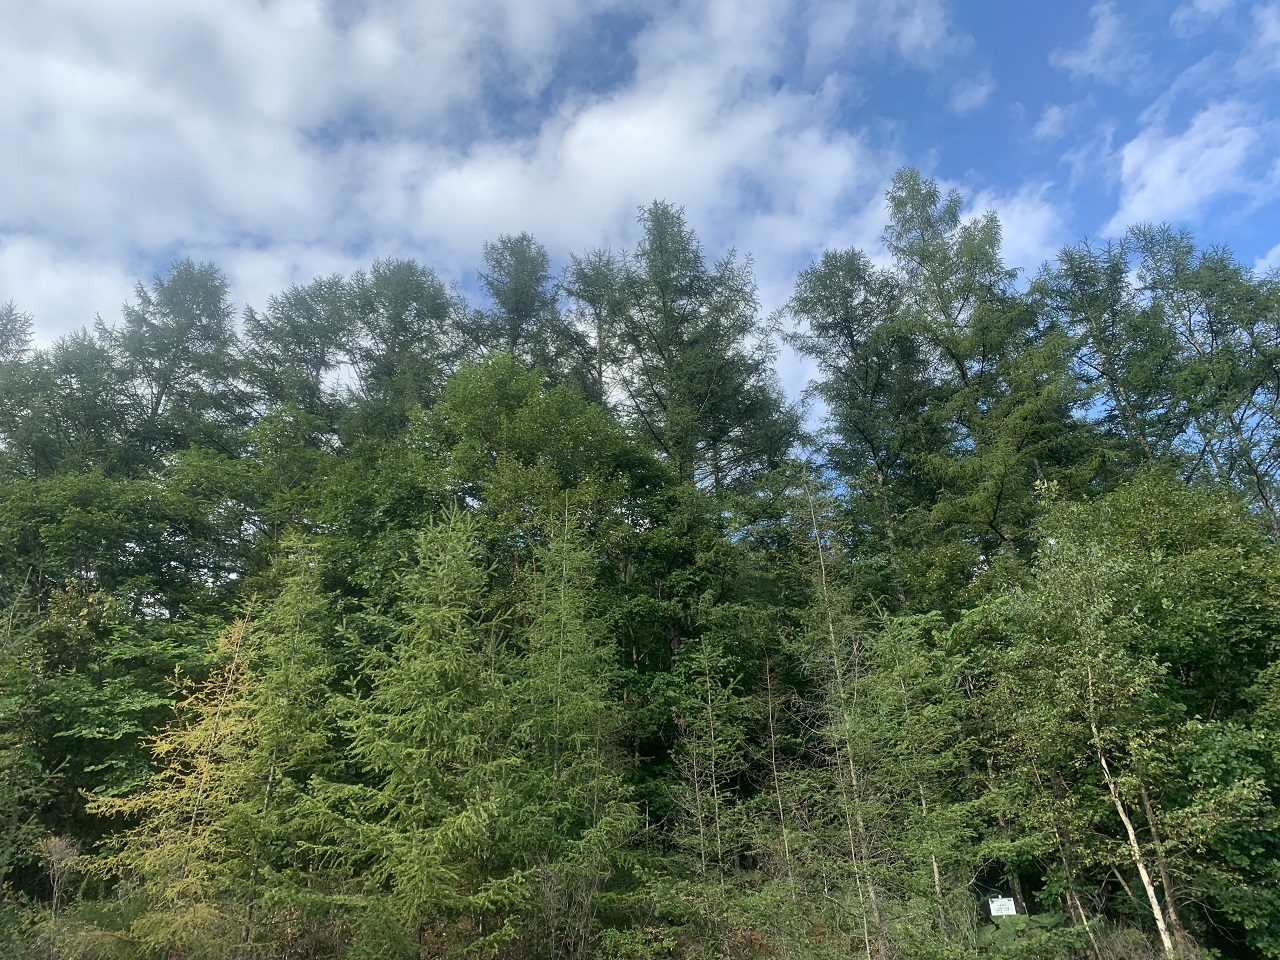 人の手で植林した山林は完全な自然ではありませんので脆弱です。